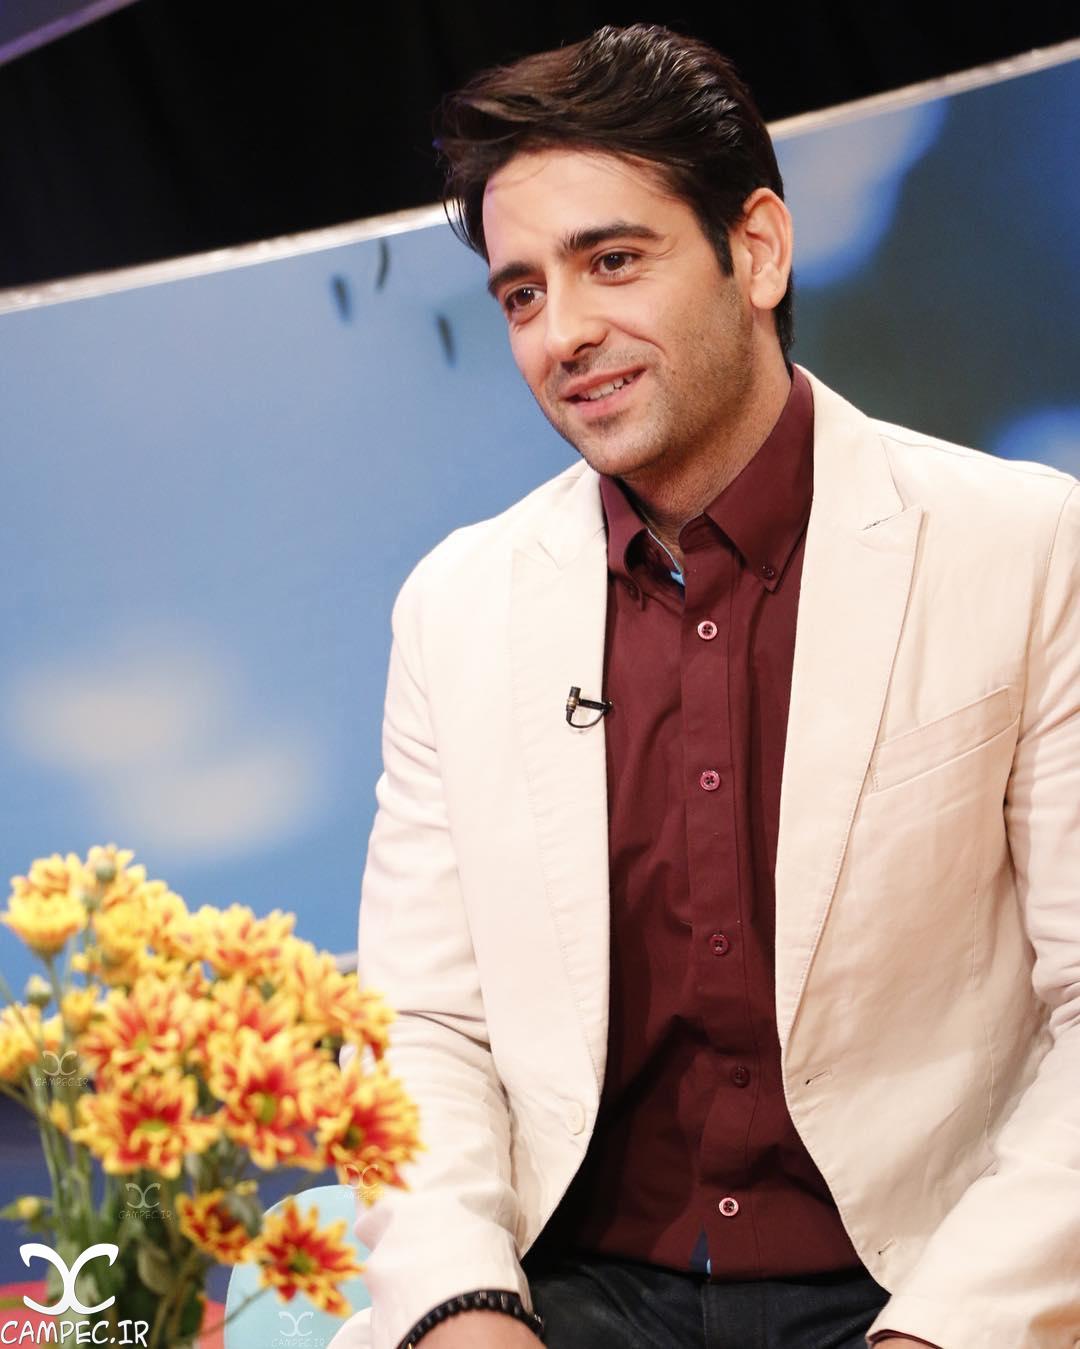 امیر حسین آرمان در برنامه خوشا شیراز